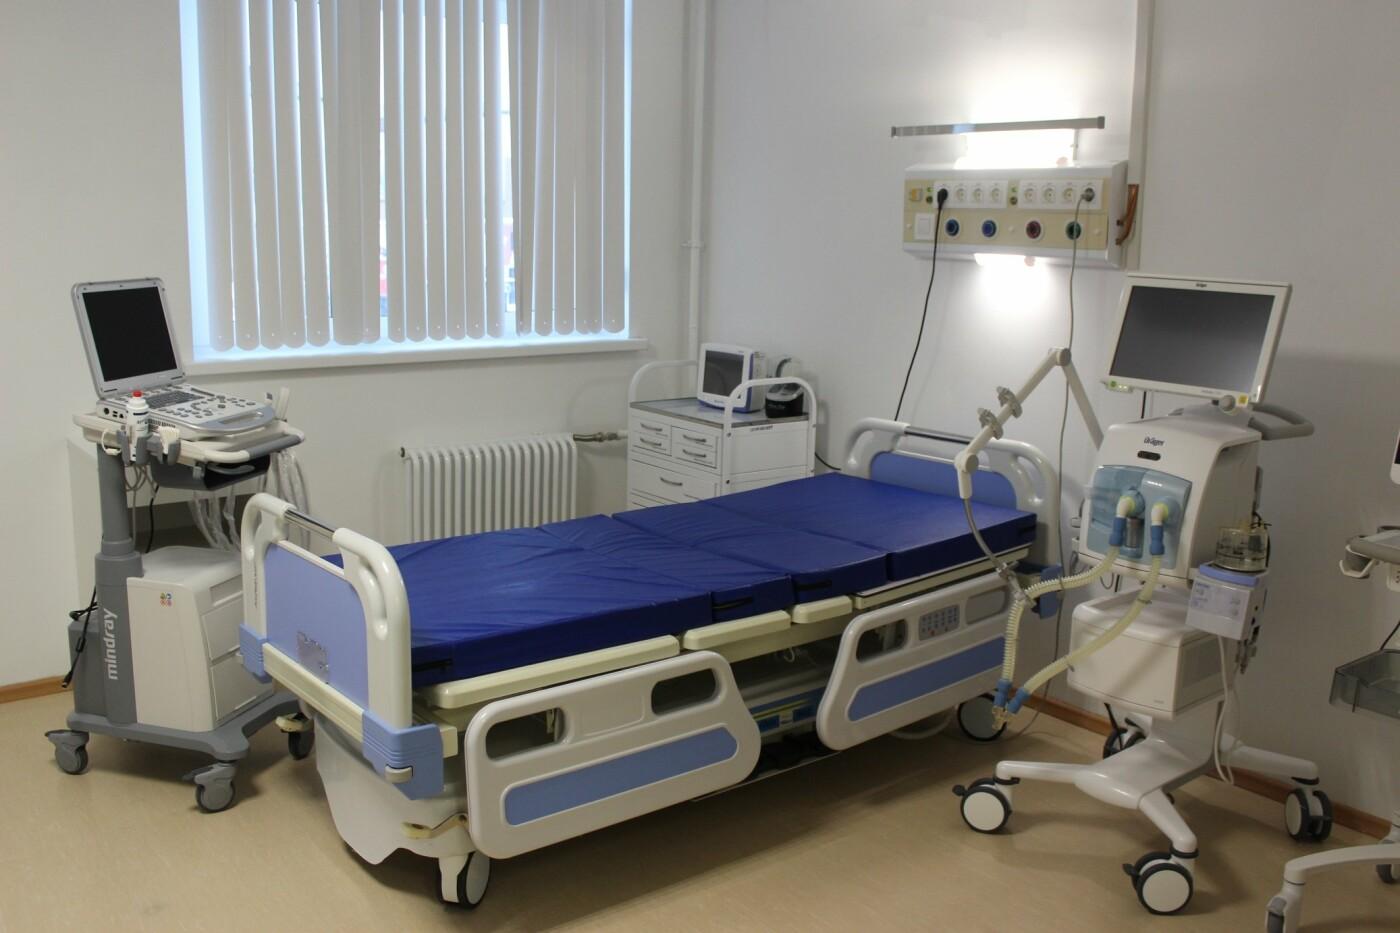 Экстренная медицинская помощь пострадавшим в ДТП будет оказываться в новом травмацентре, фото-4